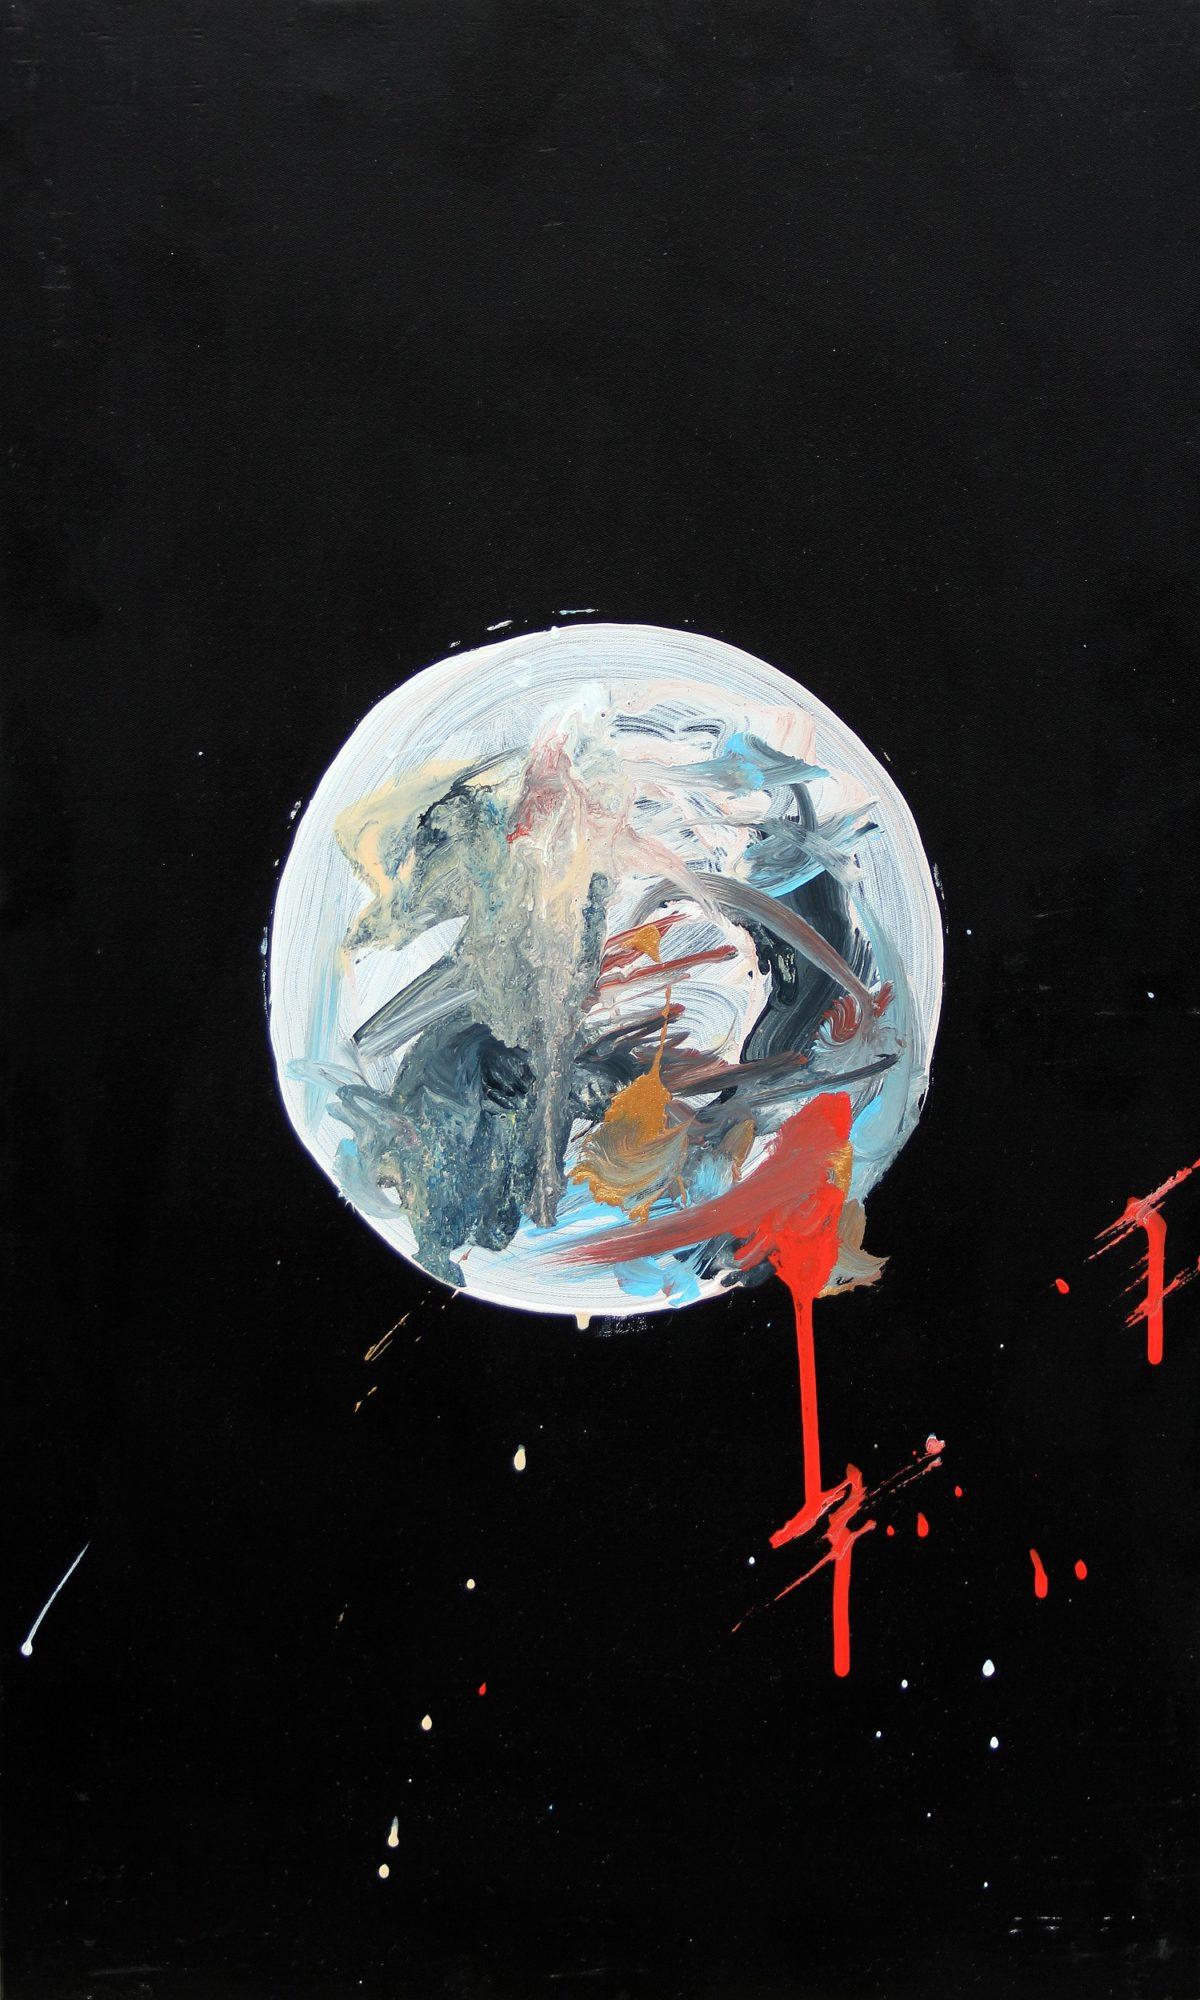 Stefano W. Pasquini, UP1612 (Moon), 2016